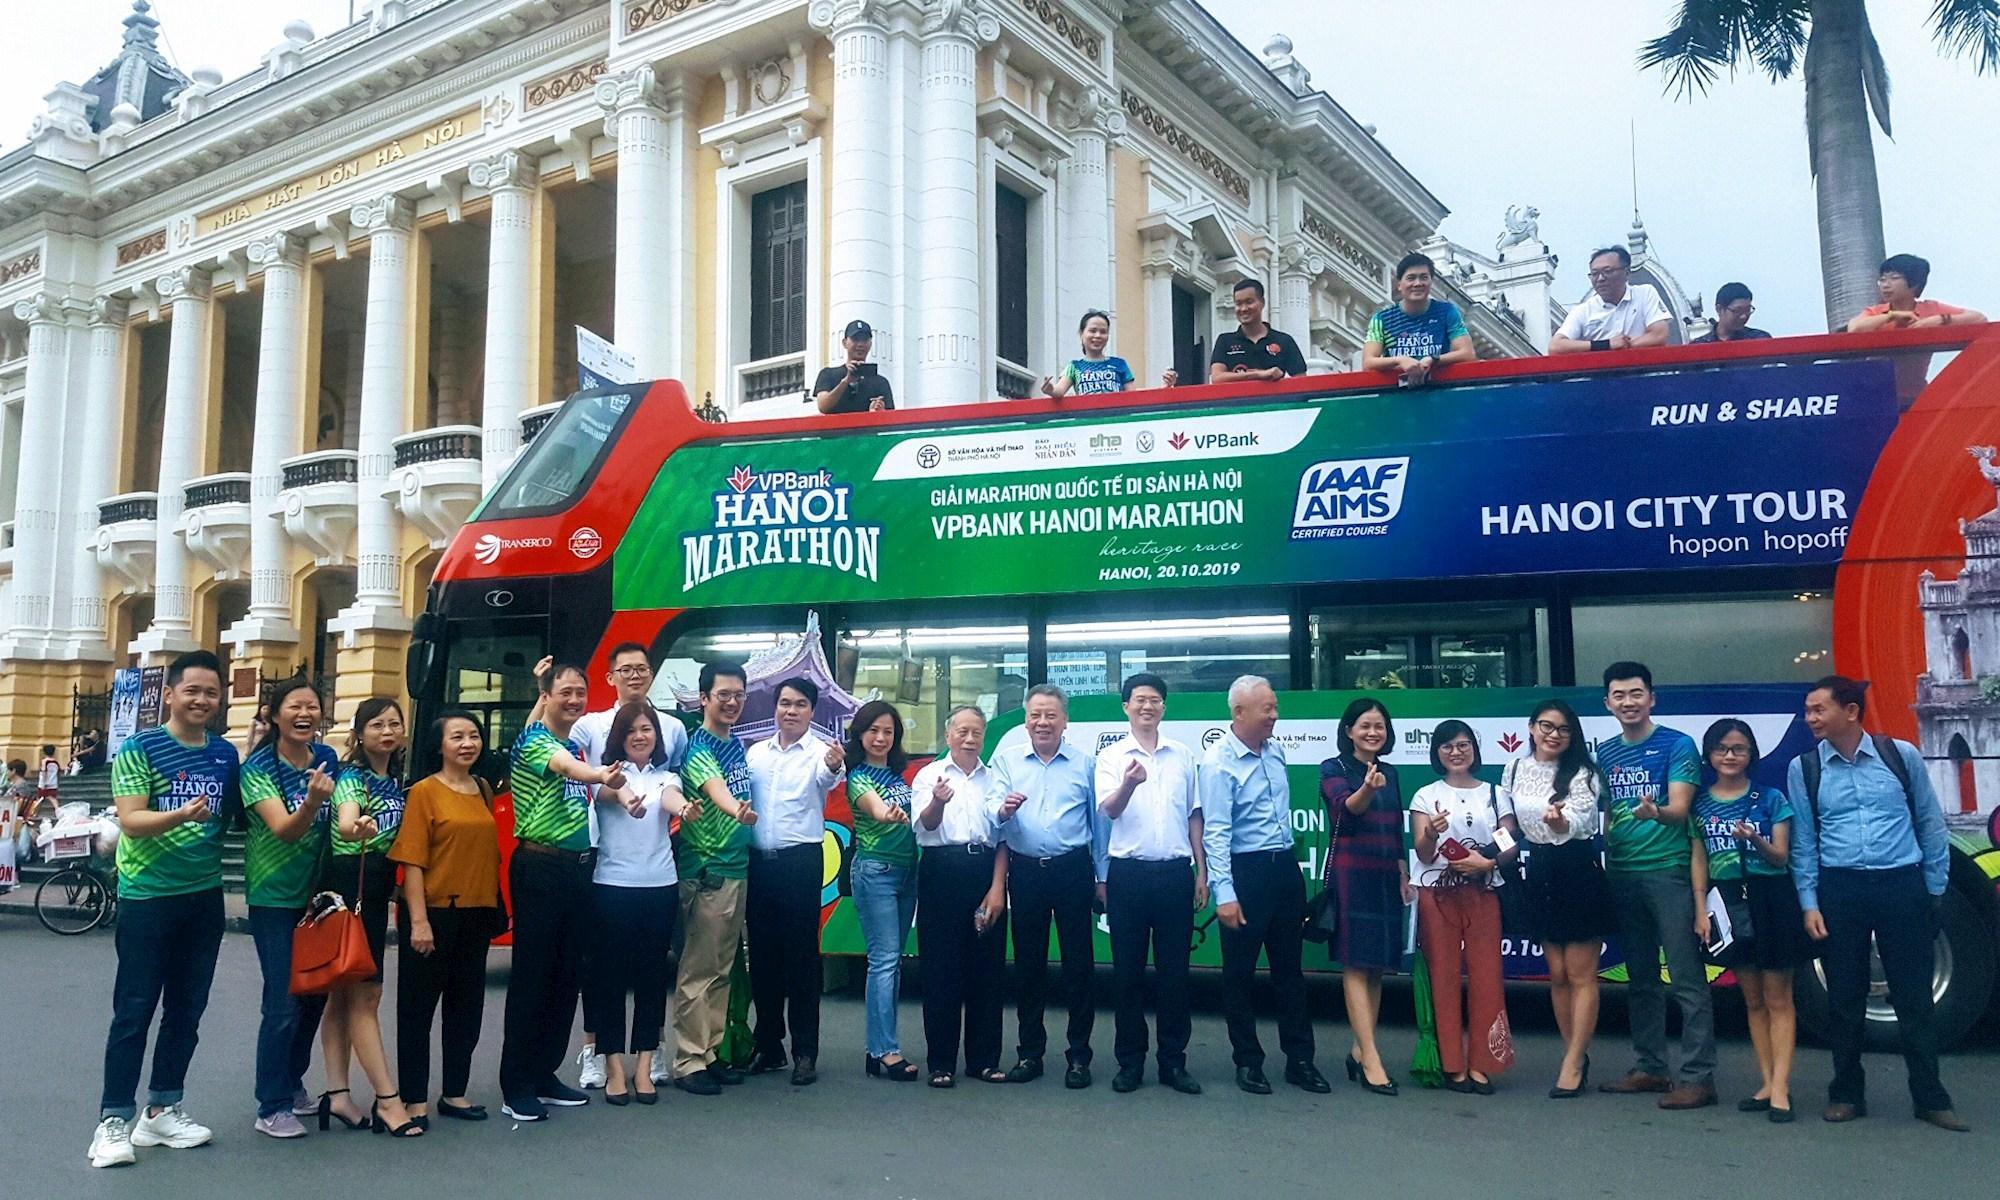 Hơn 7.000 người tham dự Giải chạy Marathon quốc tế di sản Hà Nội năm 2019 Ảnh 1